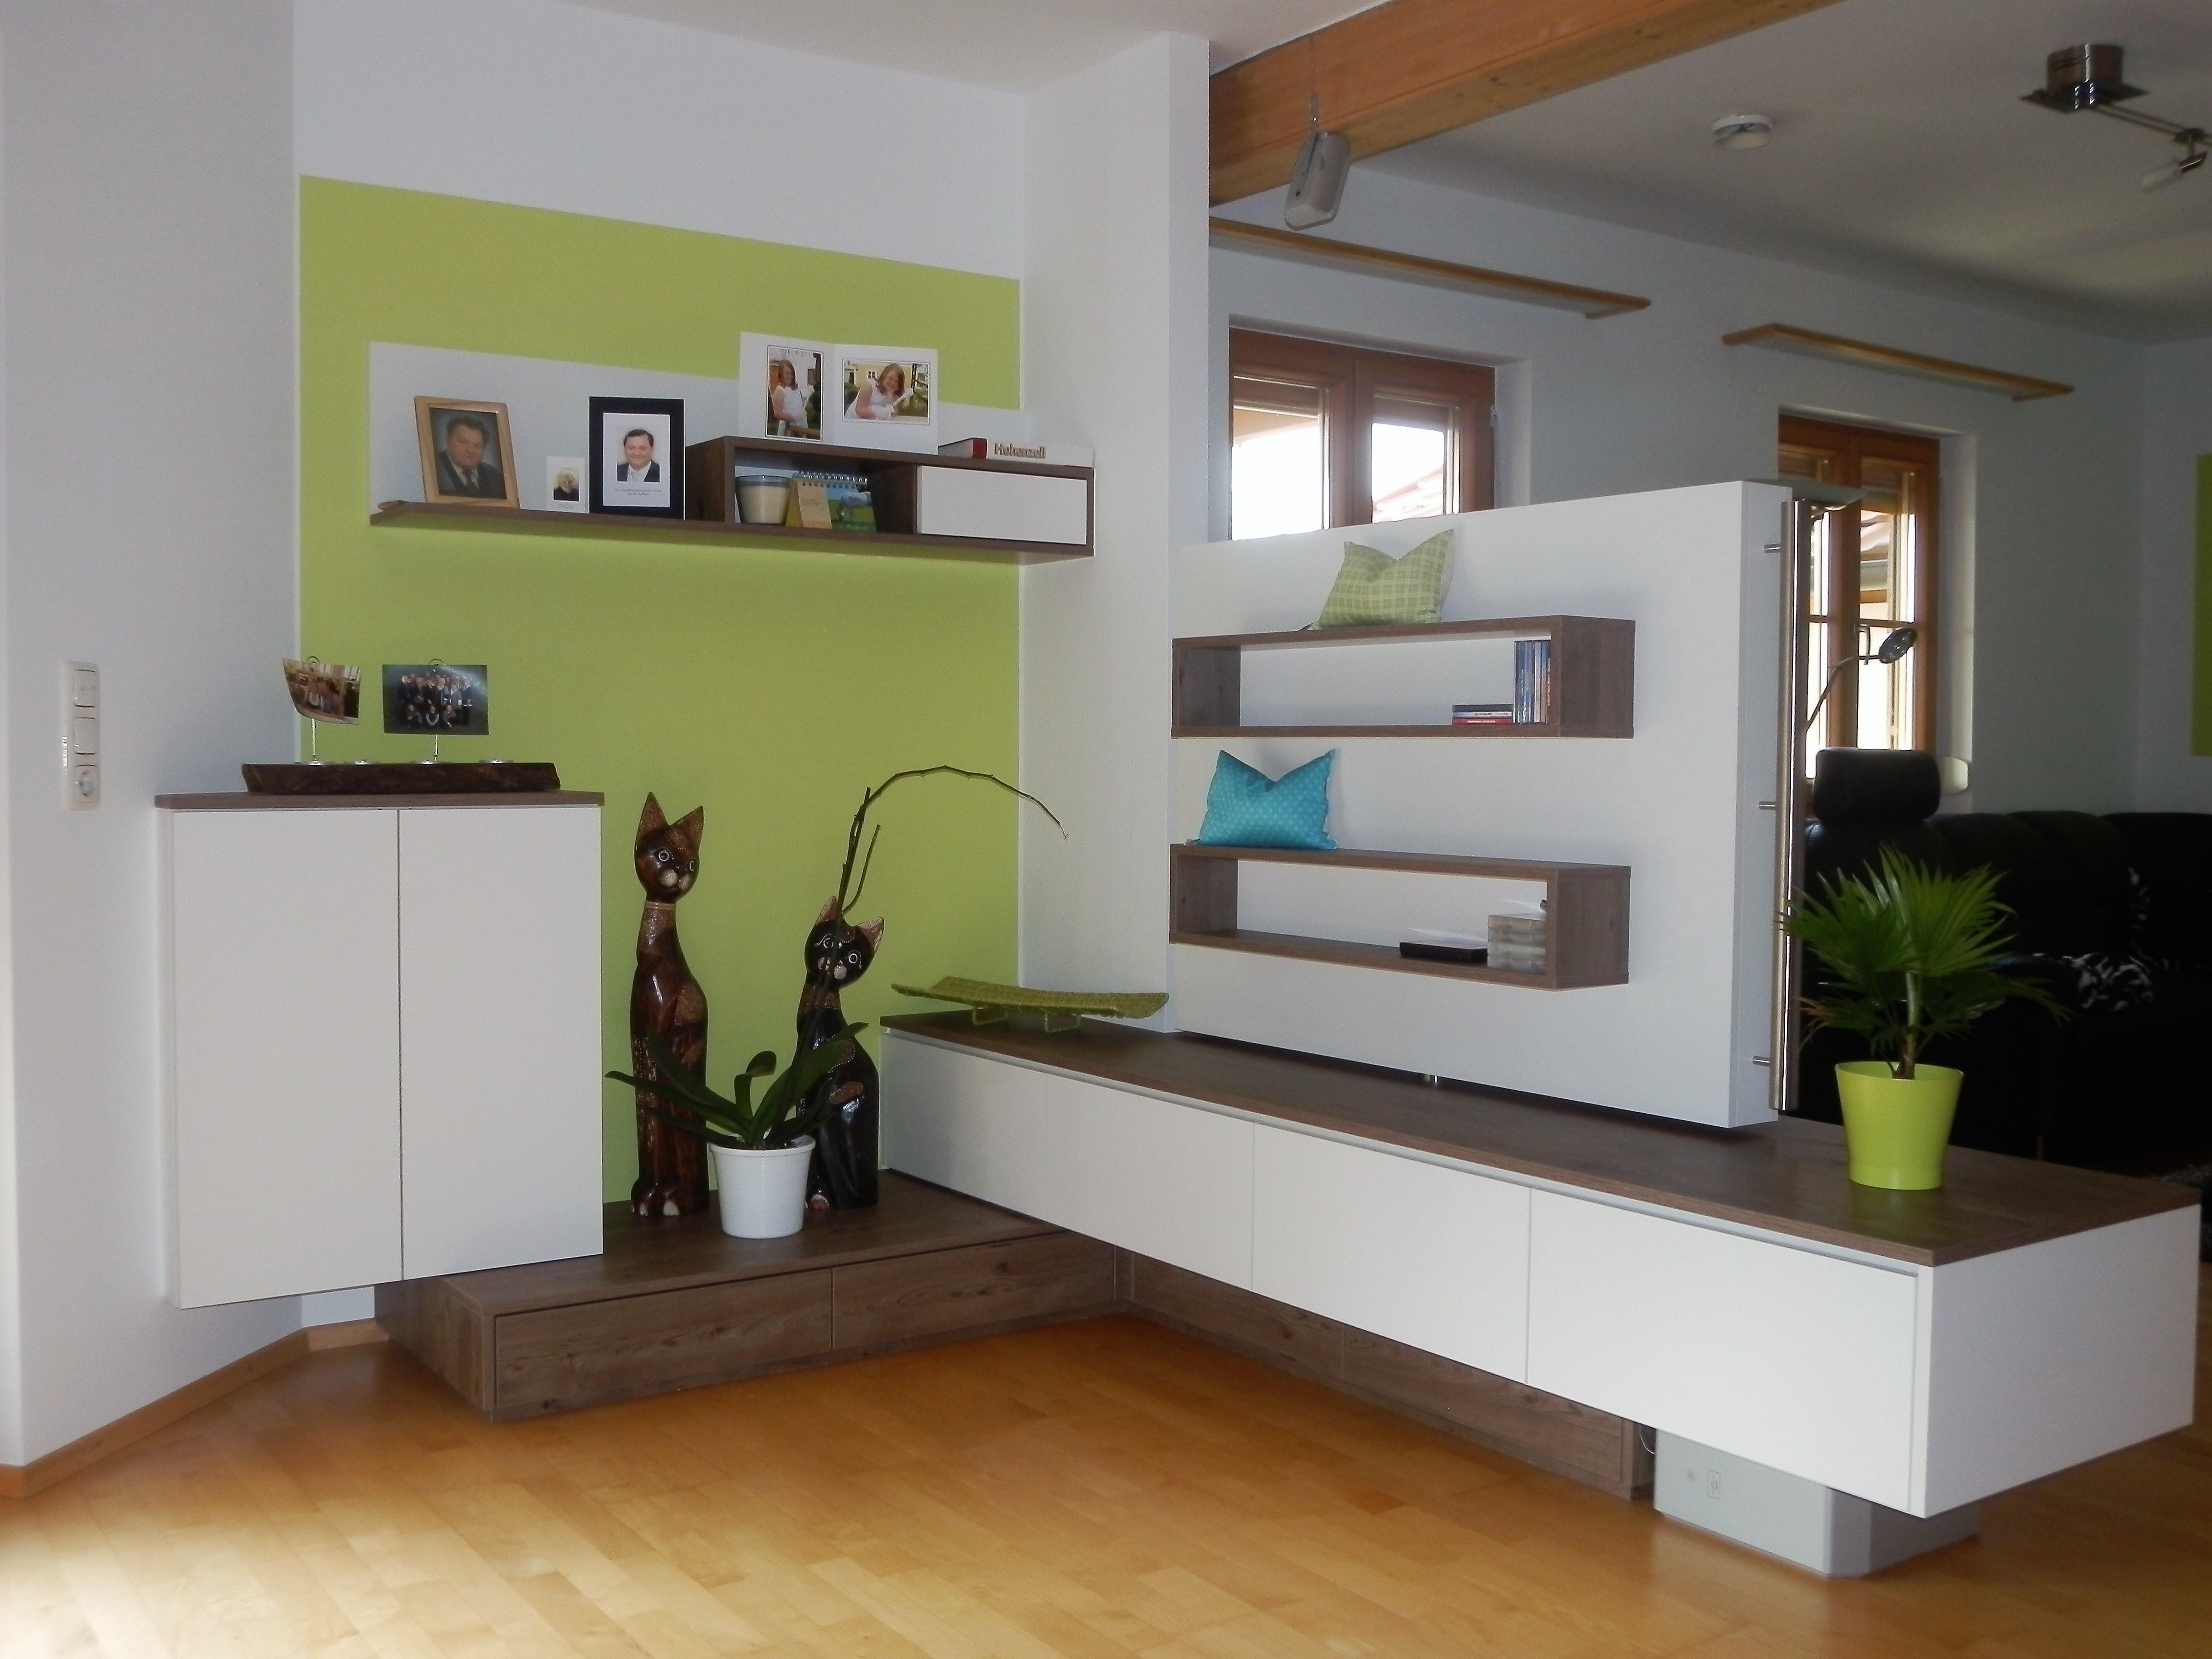 Wohnzimmer riedl wohndesign for Wohndesign wohnzimmer